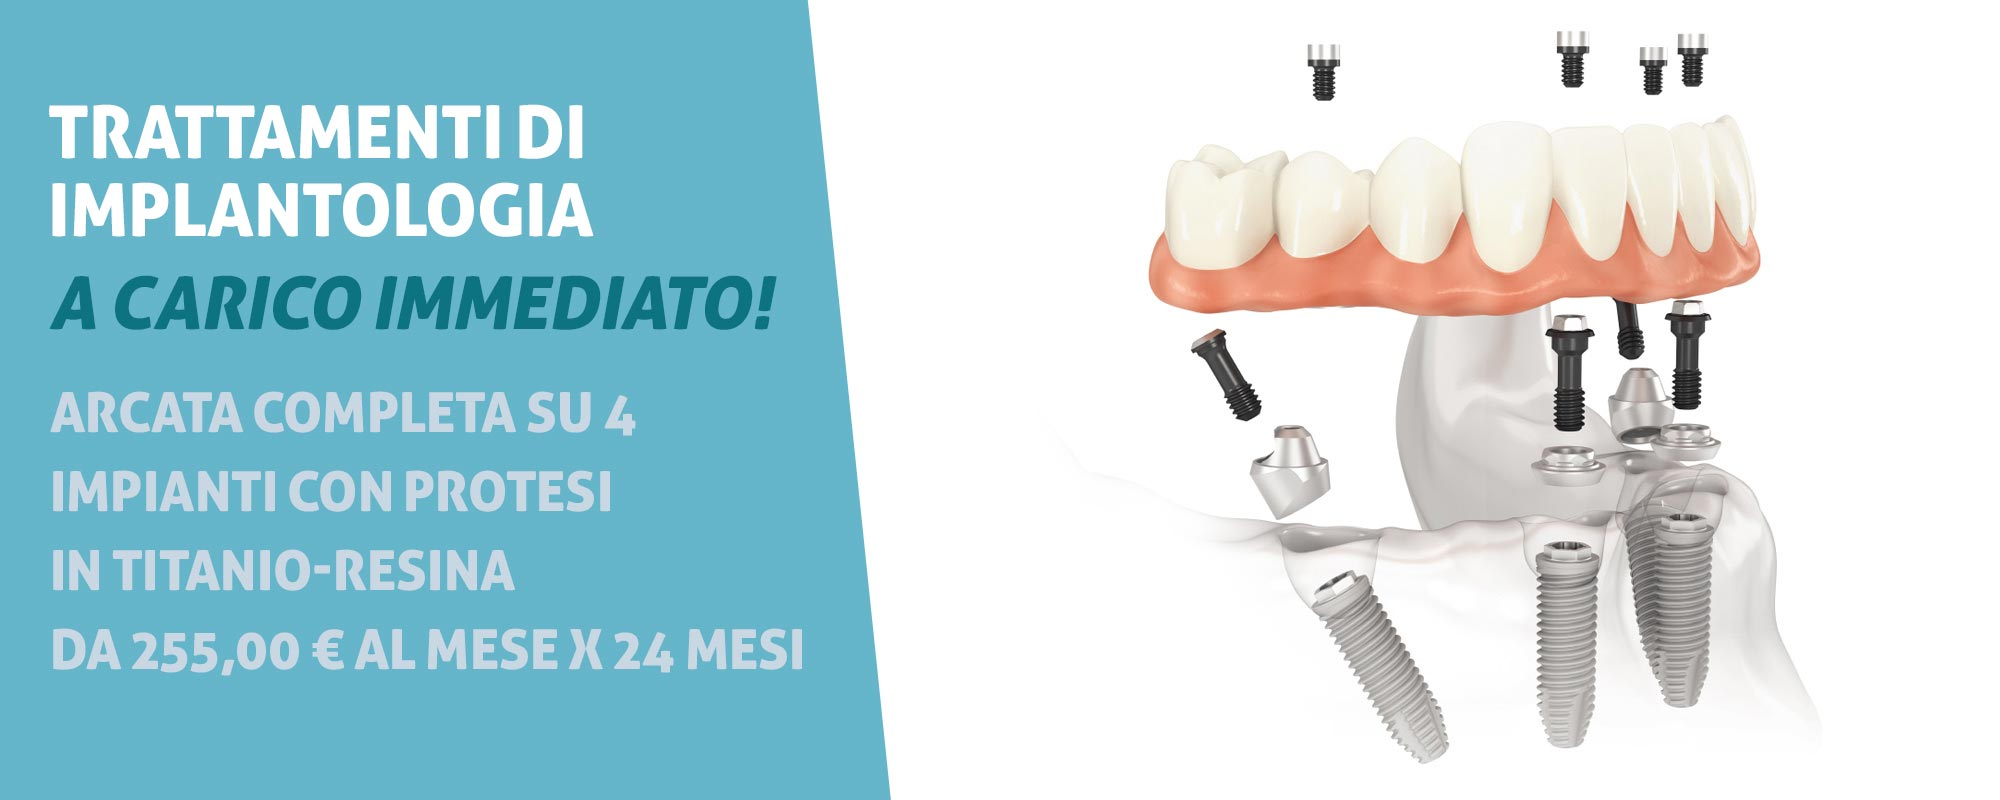 implantologia-a-carico-immediato-prezzi-bassi-low-cost